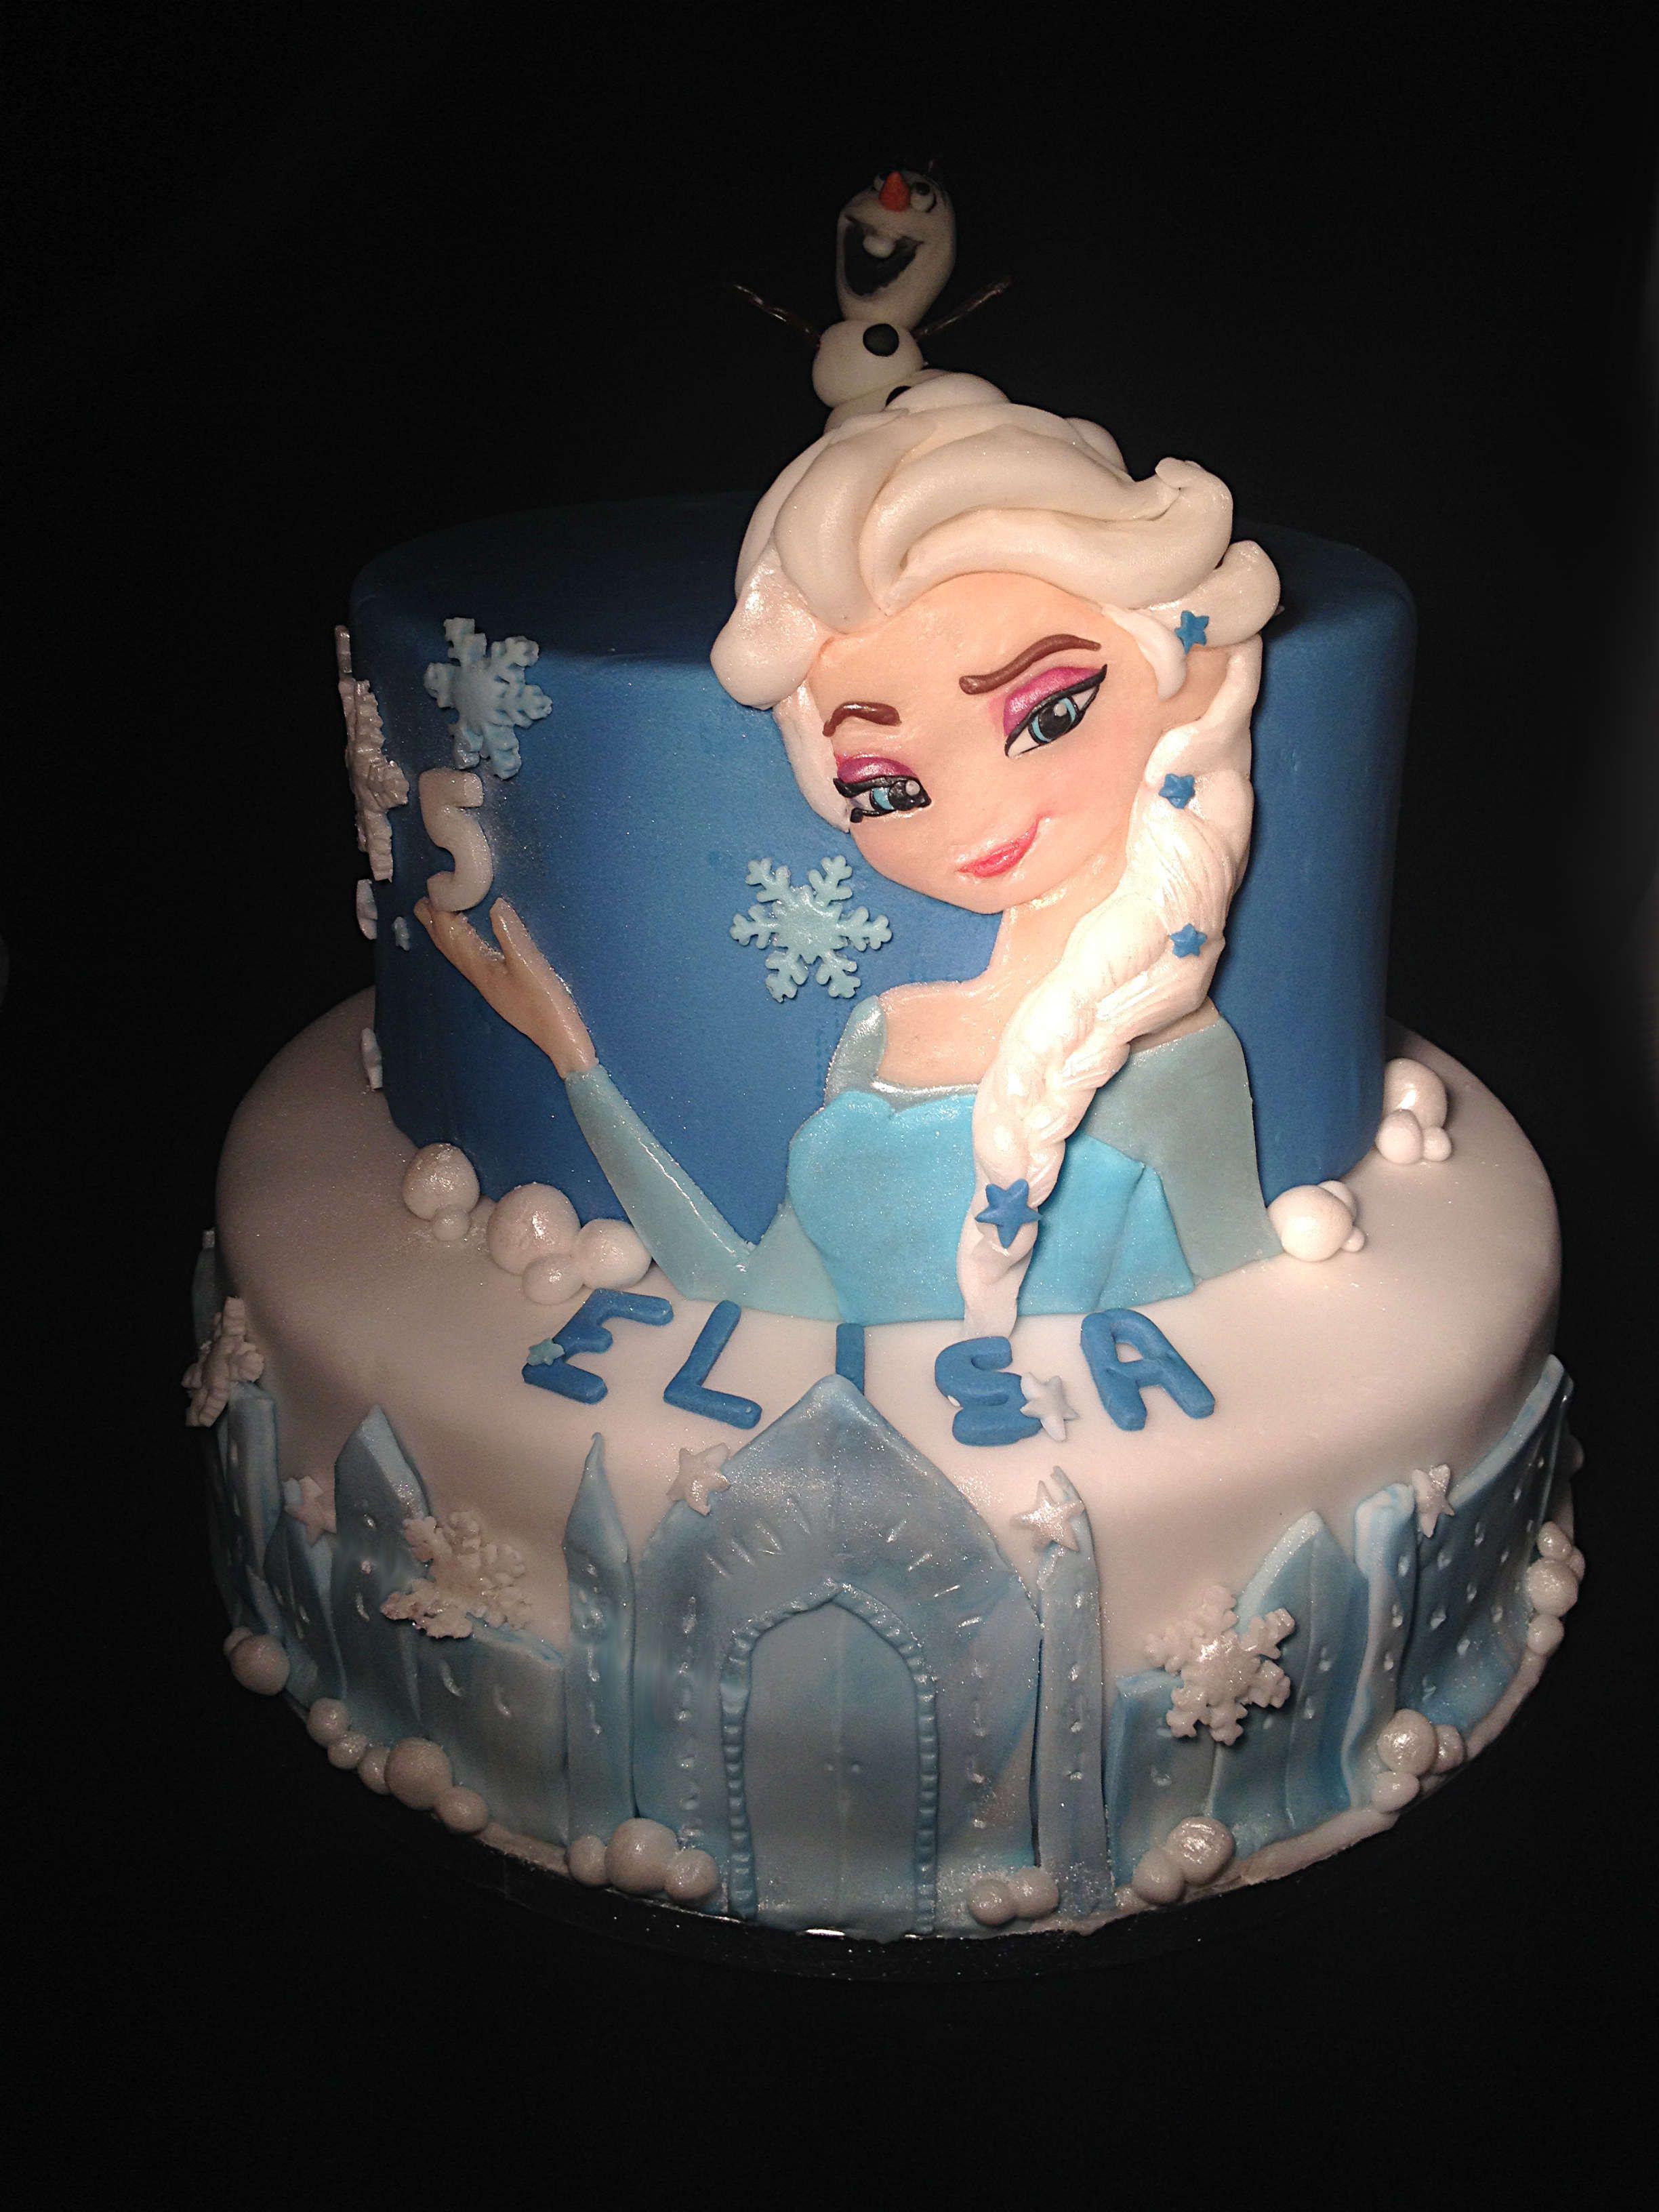 Molto Frozen e la torta di compleanno di Elisa #cake #birthday #Elsa  IB67